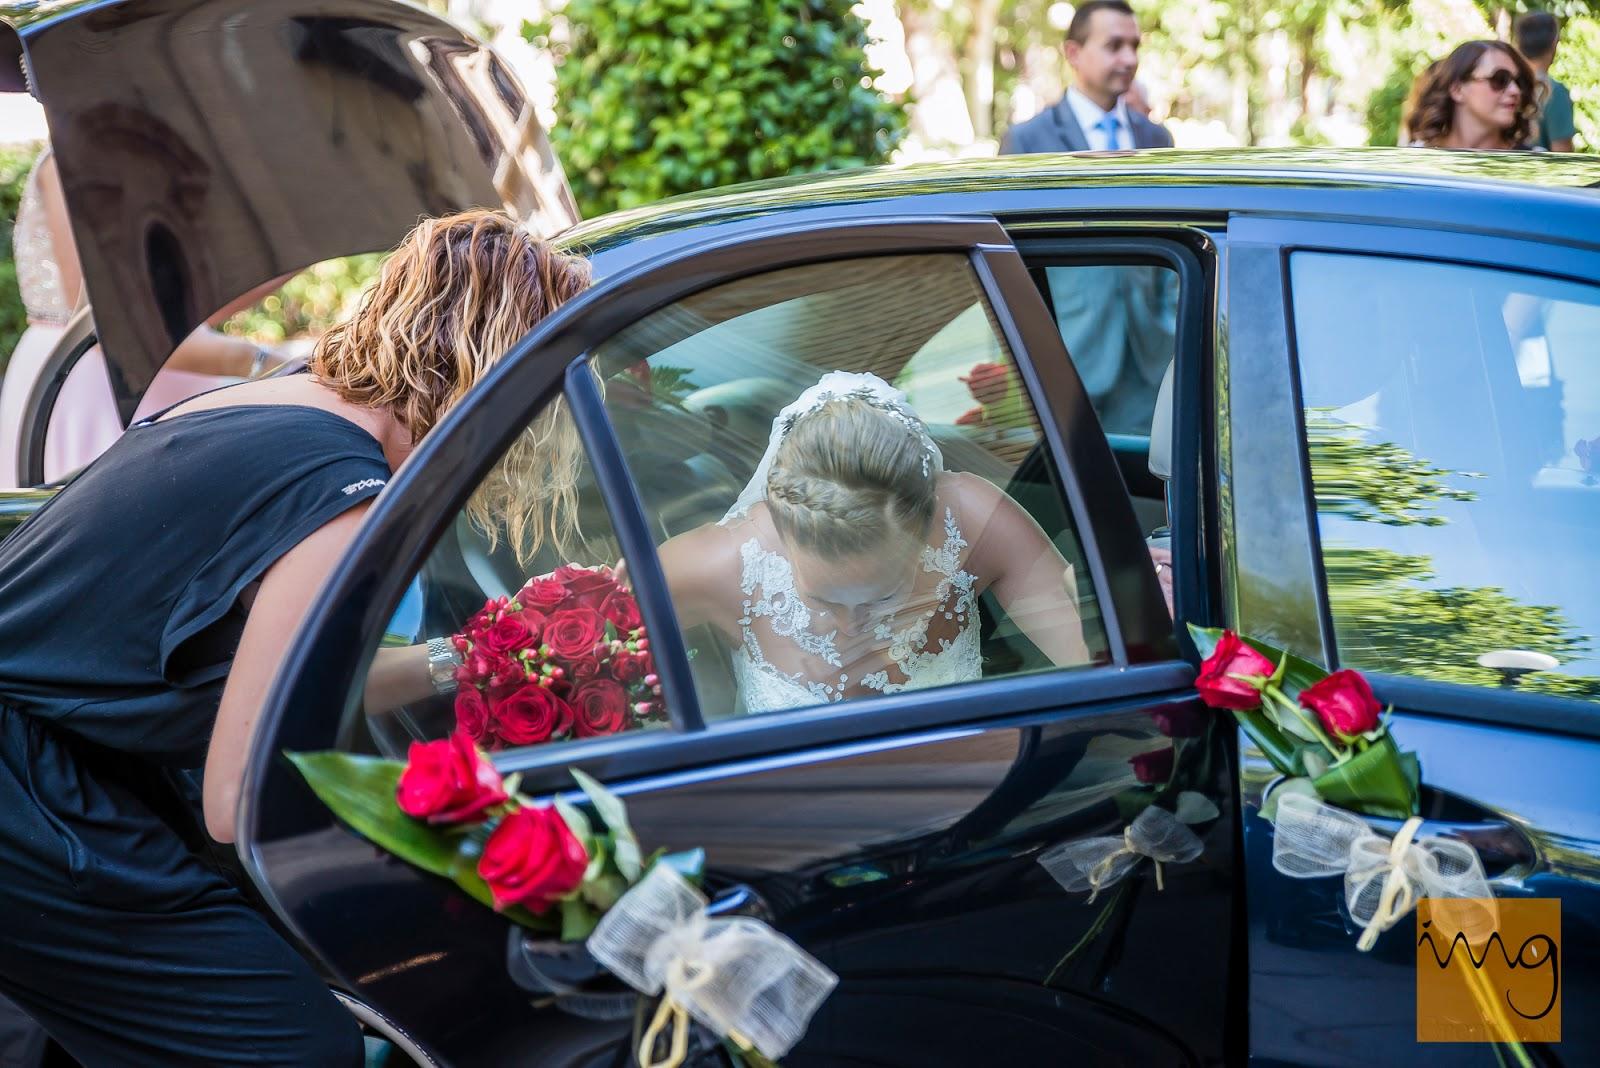 Fotografía de la novia saliendo del coche el día de su boda